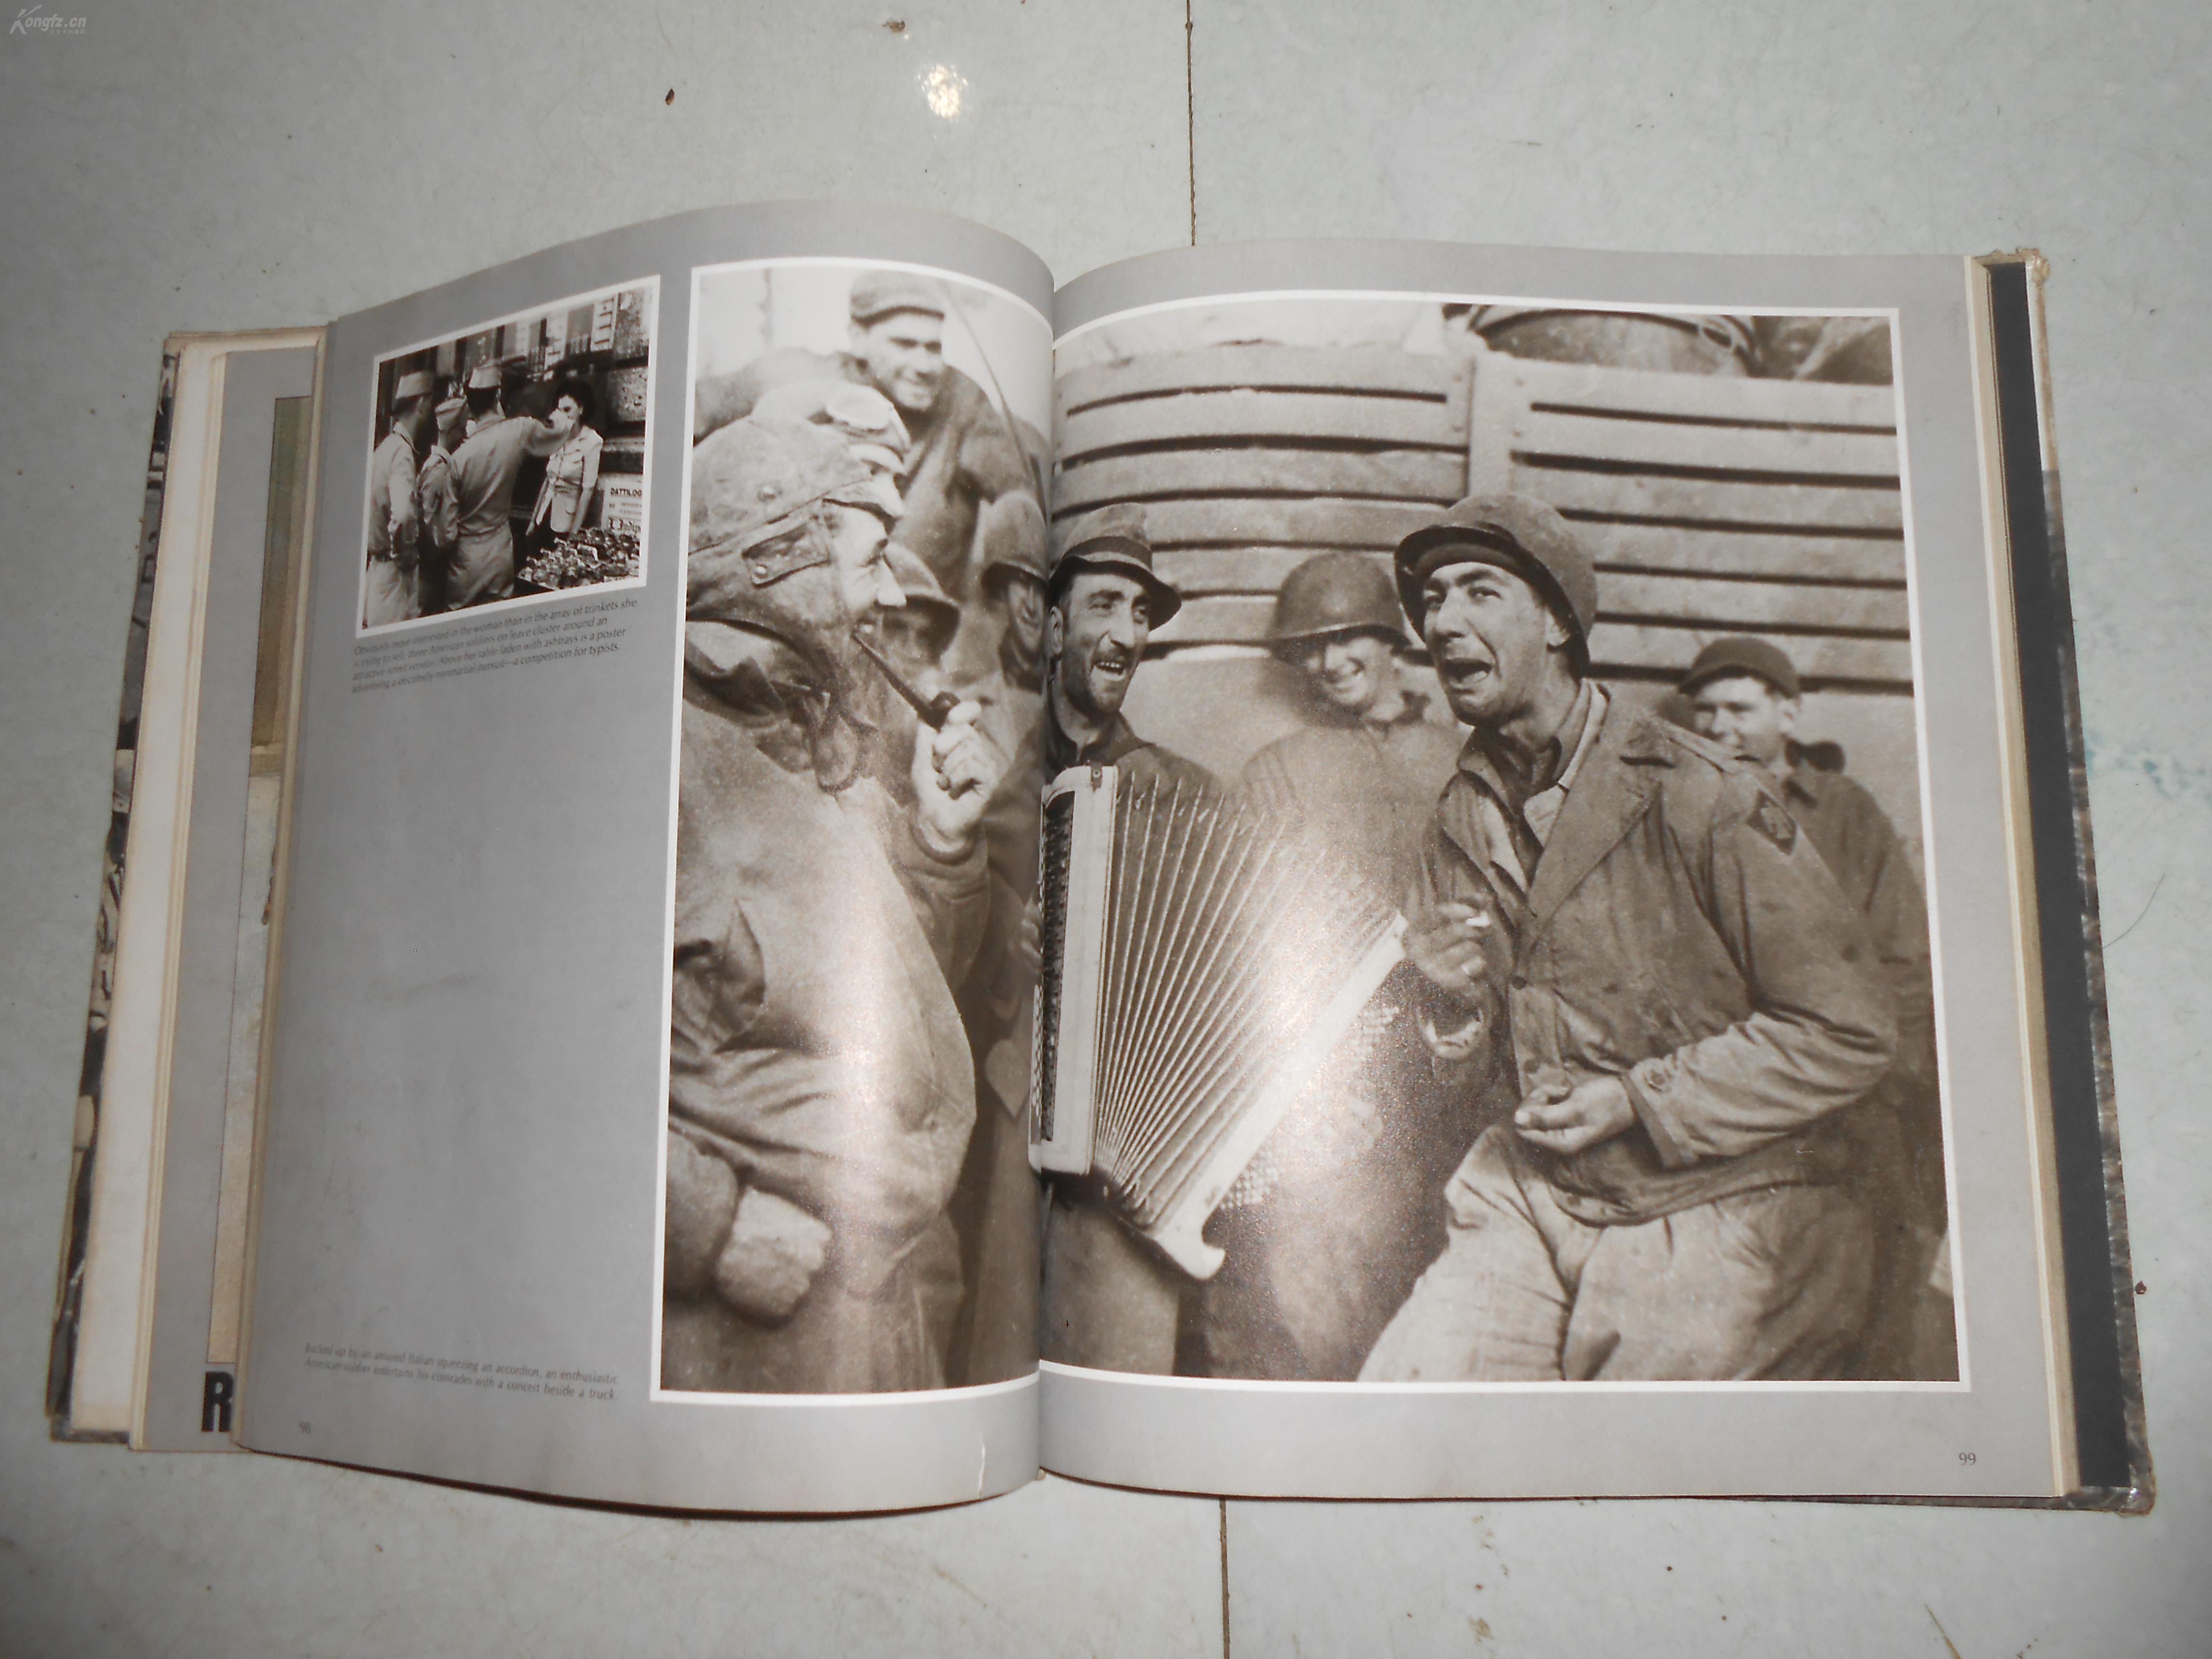 【图】精装英文关于表情的书_网上拍卖信息_小女孩韩国权战争包图片